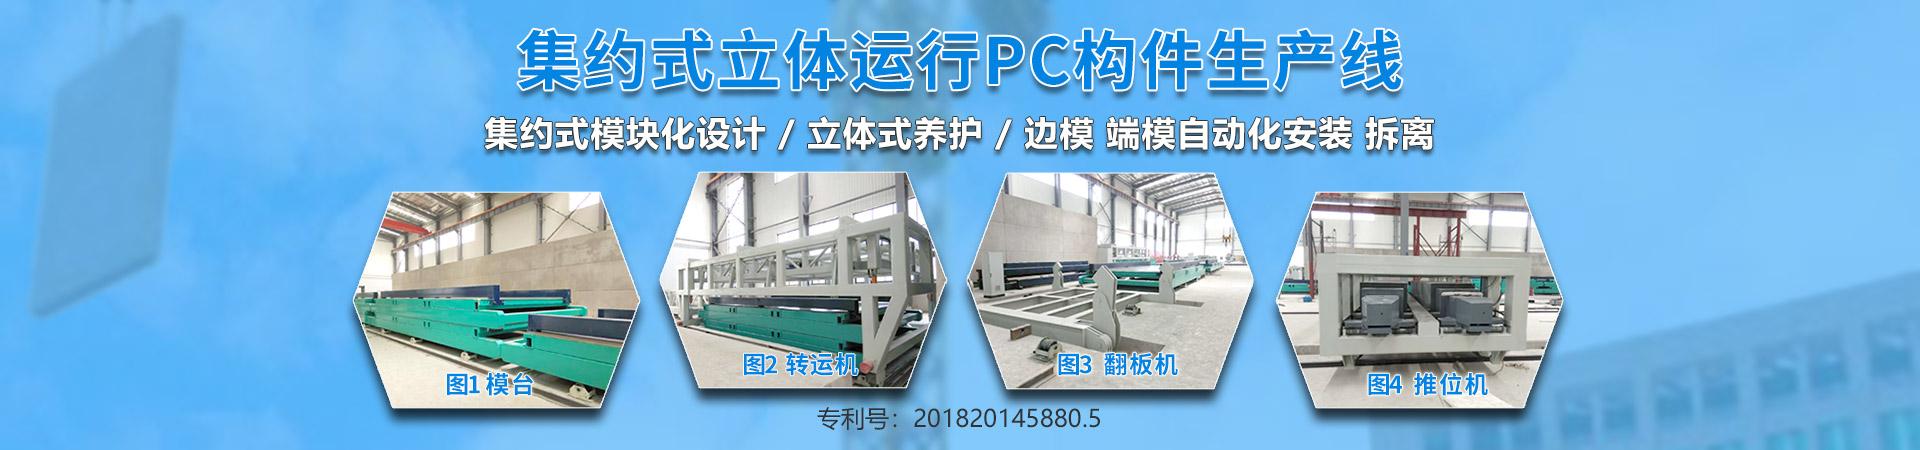 立体运行PC大板生产线